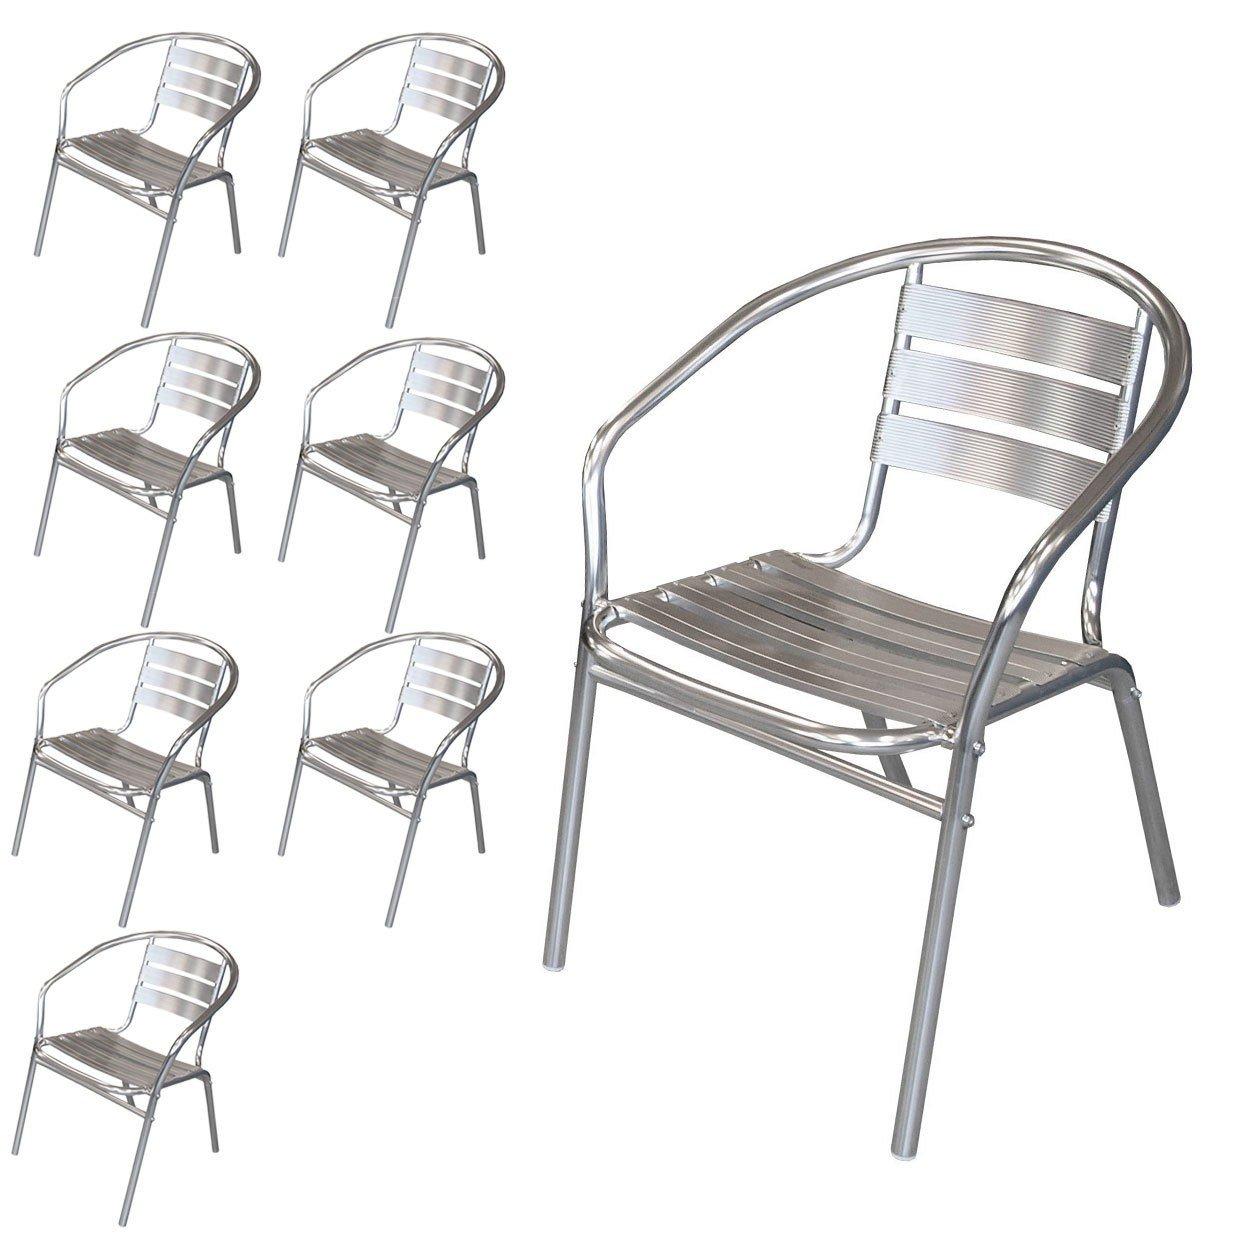 8 Stück Bistrostuhl Stapelstuhl Gartenstuhl Balkonstuhl Terrassenstuhl Balkonmöbel Terrassenmöbel Aluminium / Silber